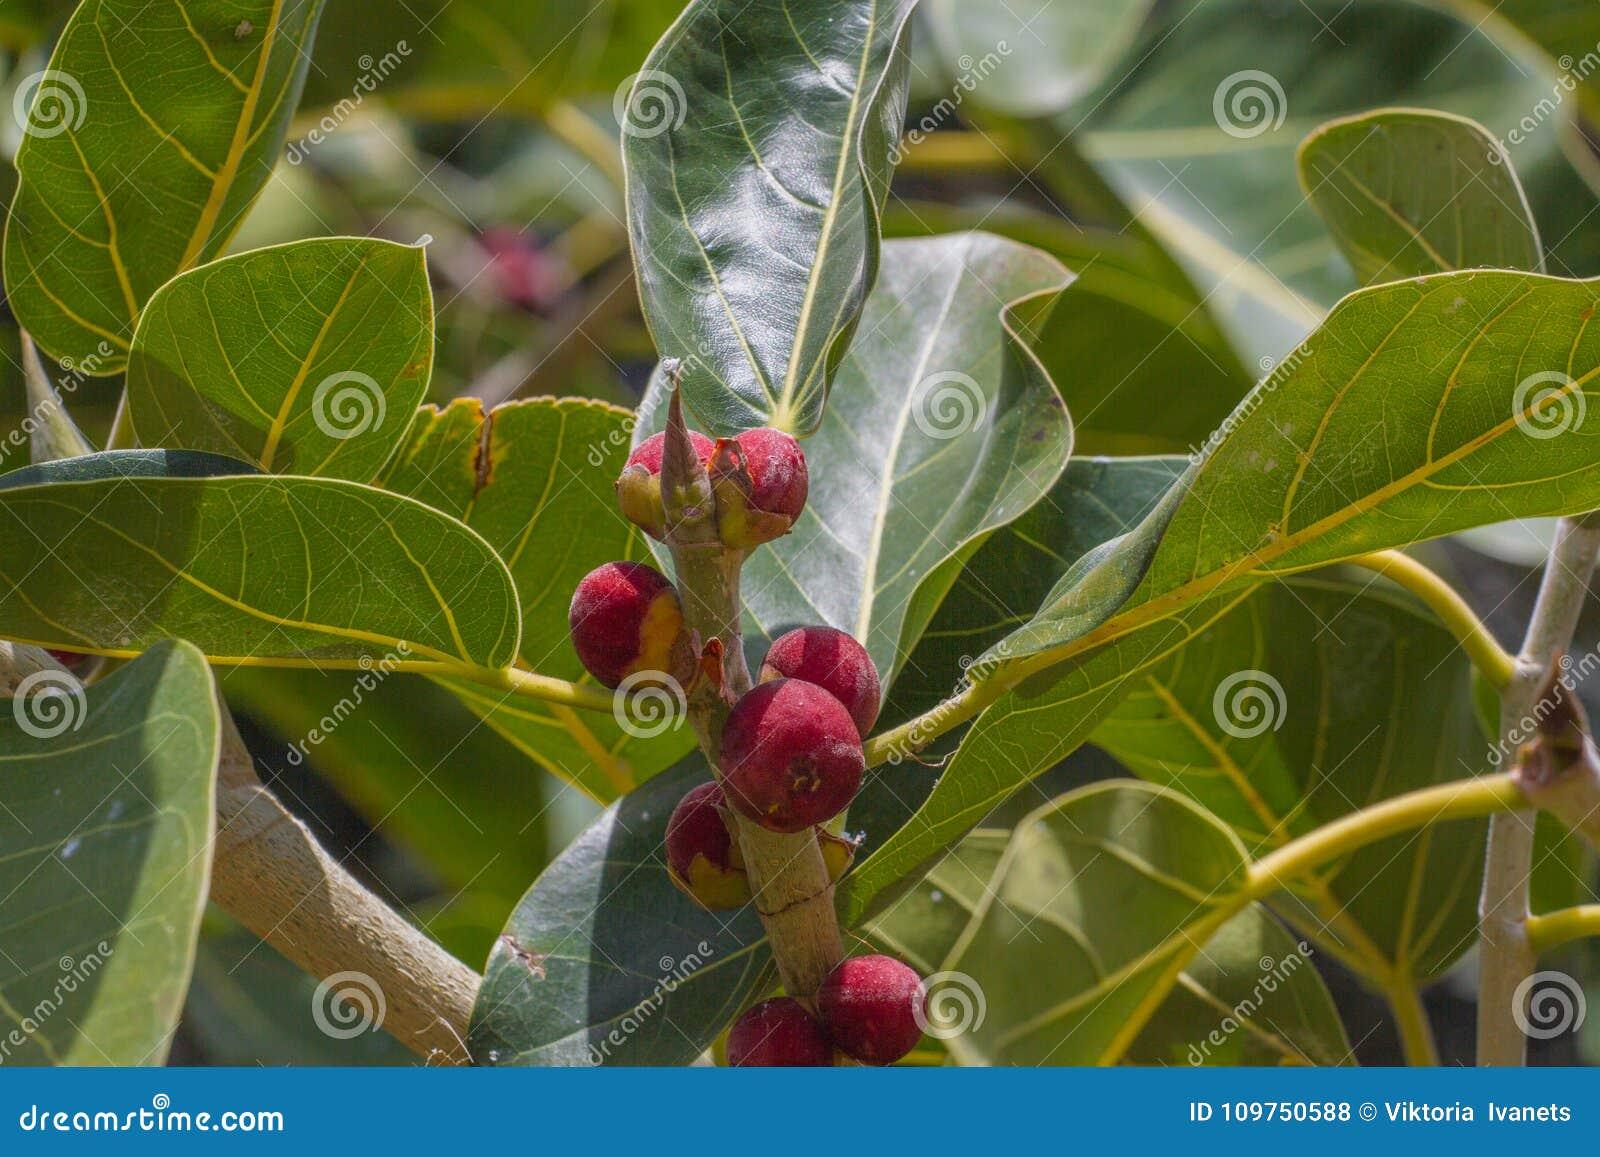 Owoc i liście na gałąź Ficus benjamina - powszechnie znać jako płacząca figa, beniamin figa lub Ficus drzewo,